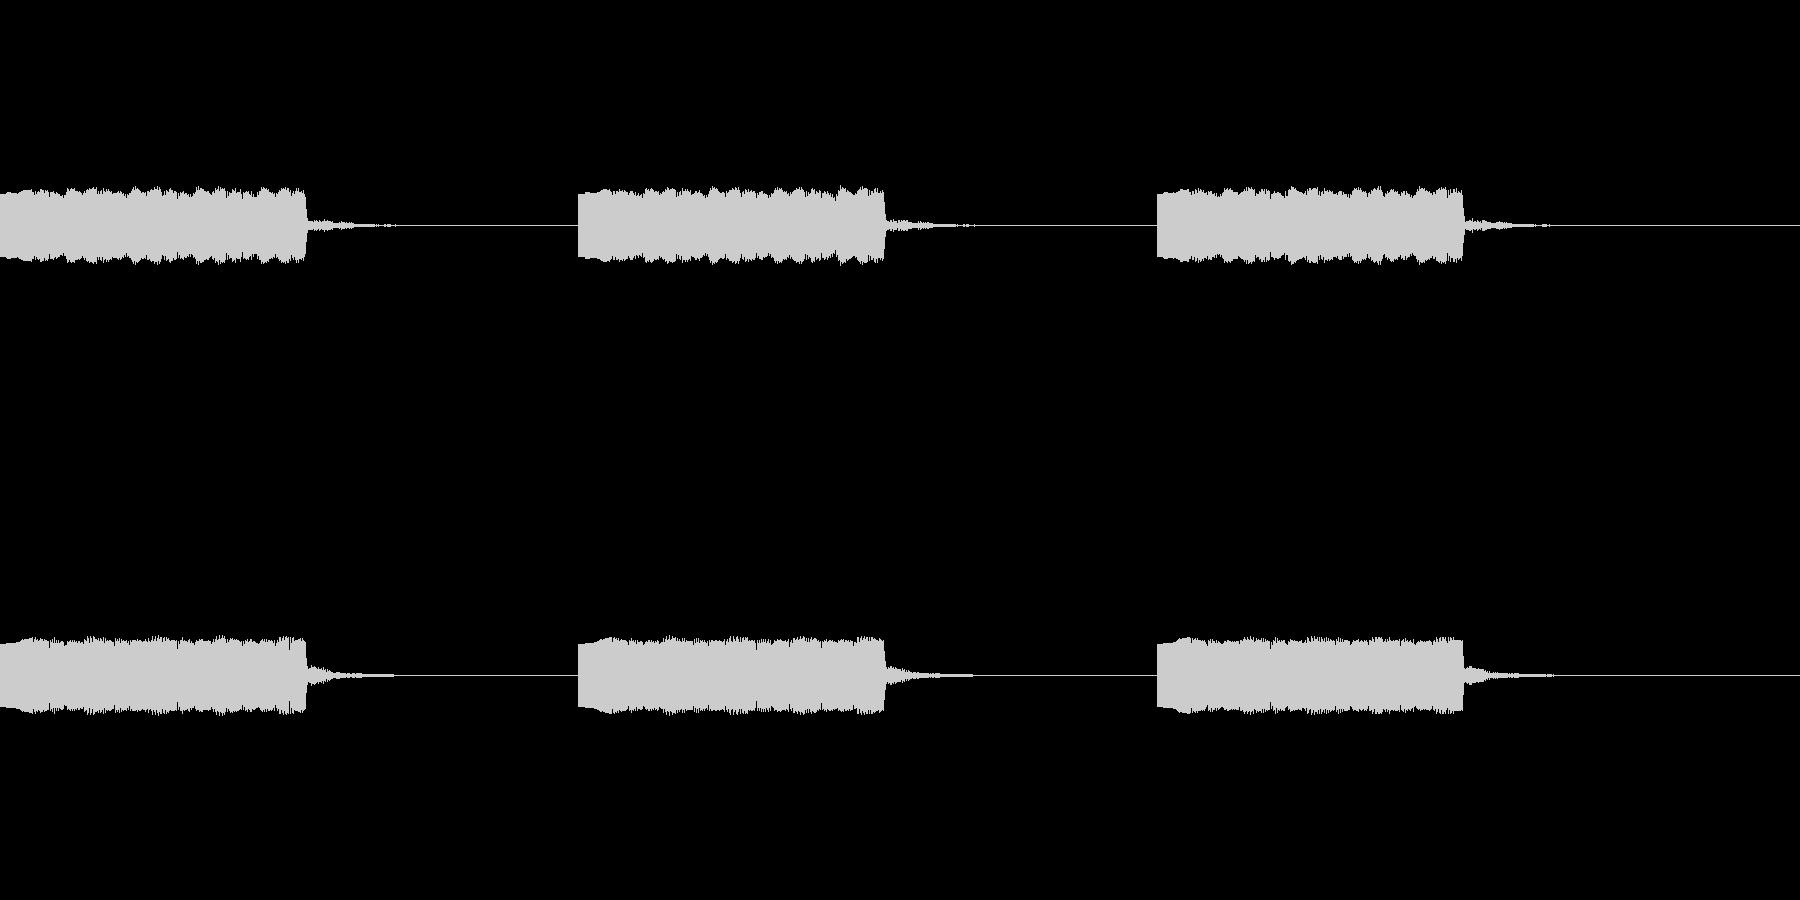 定番着信音、アラーム音の未再生の波形